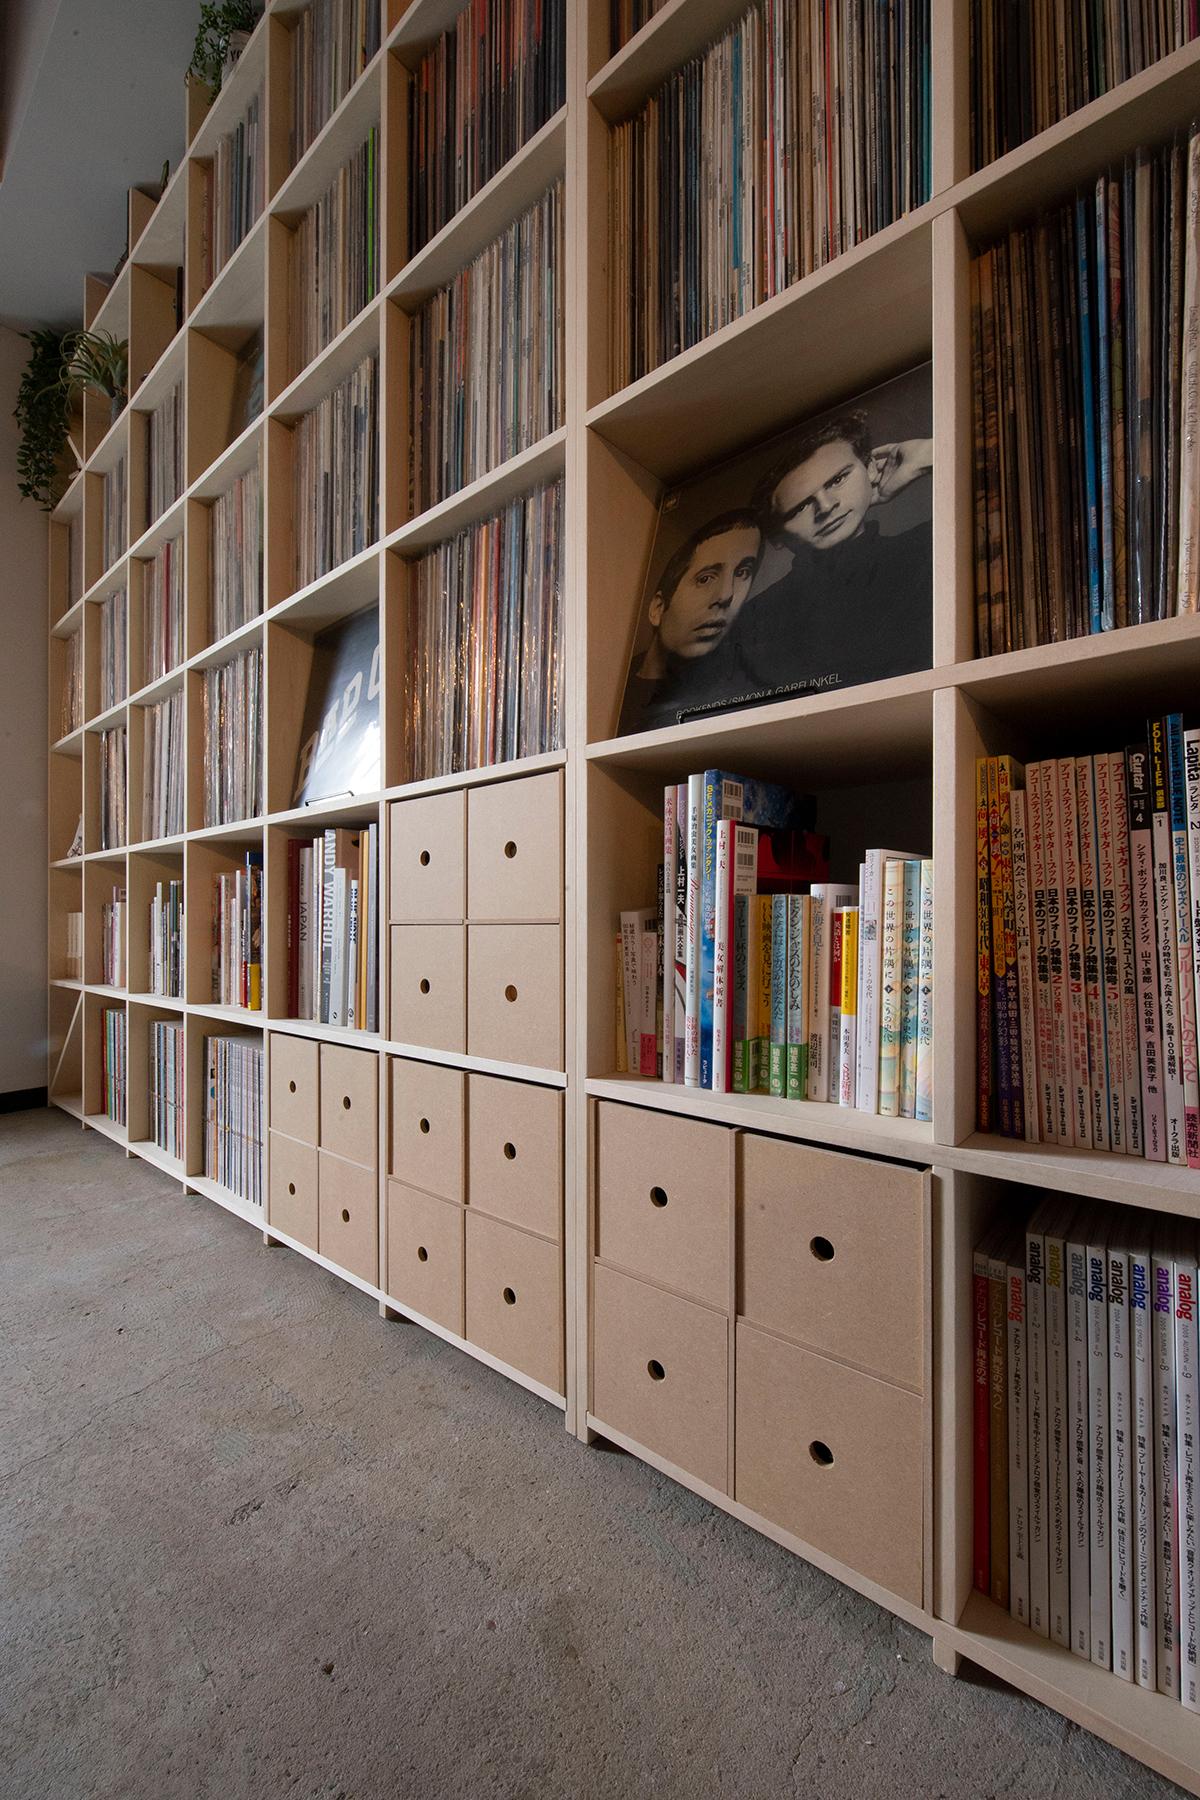 壁一面のLPレコード棚